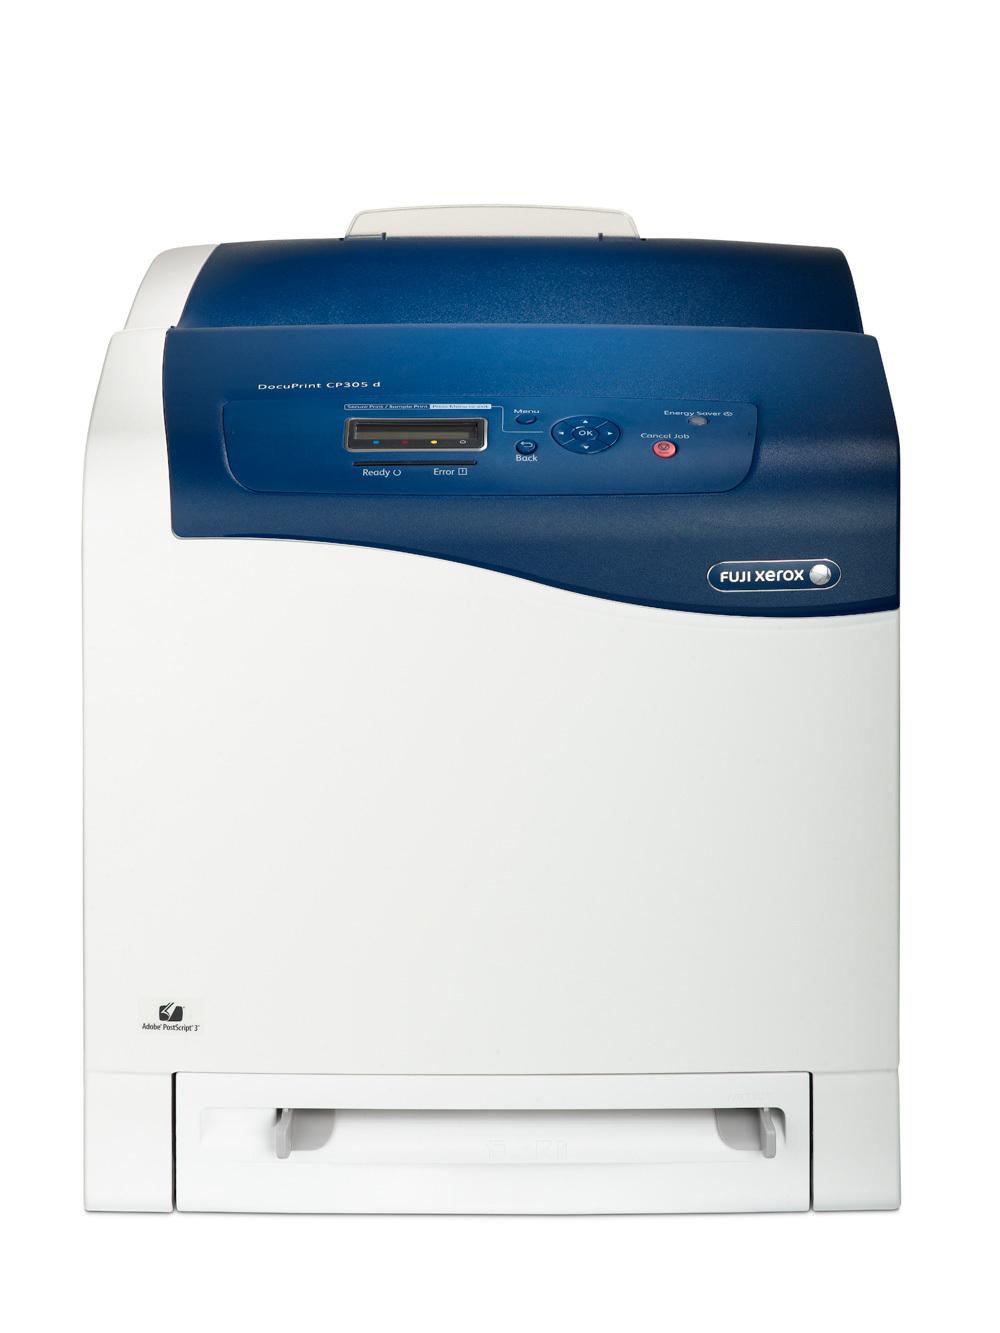 Máy in laser màu Fuji Xerox DocuPrint CP305D - A3